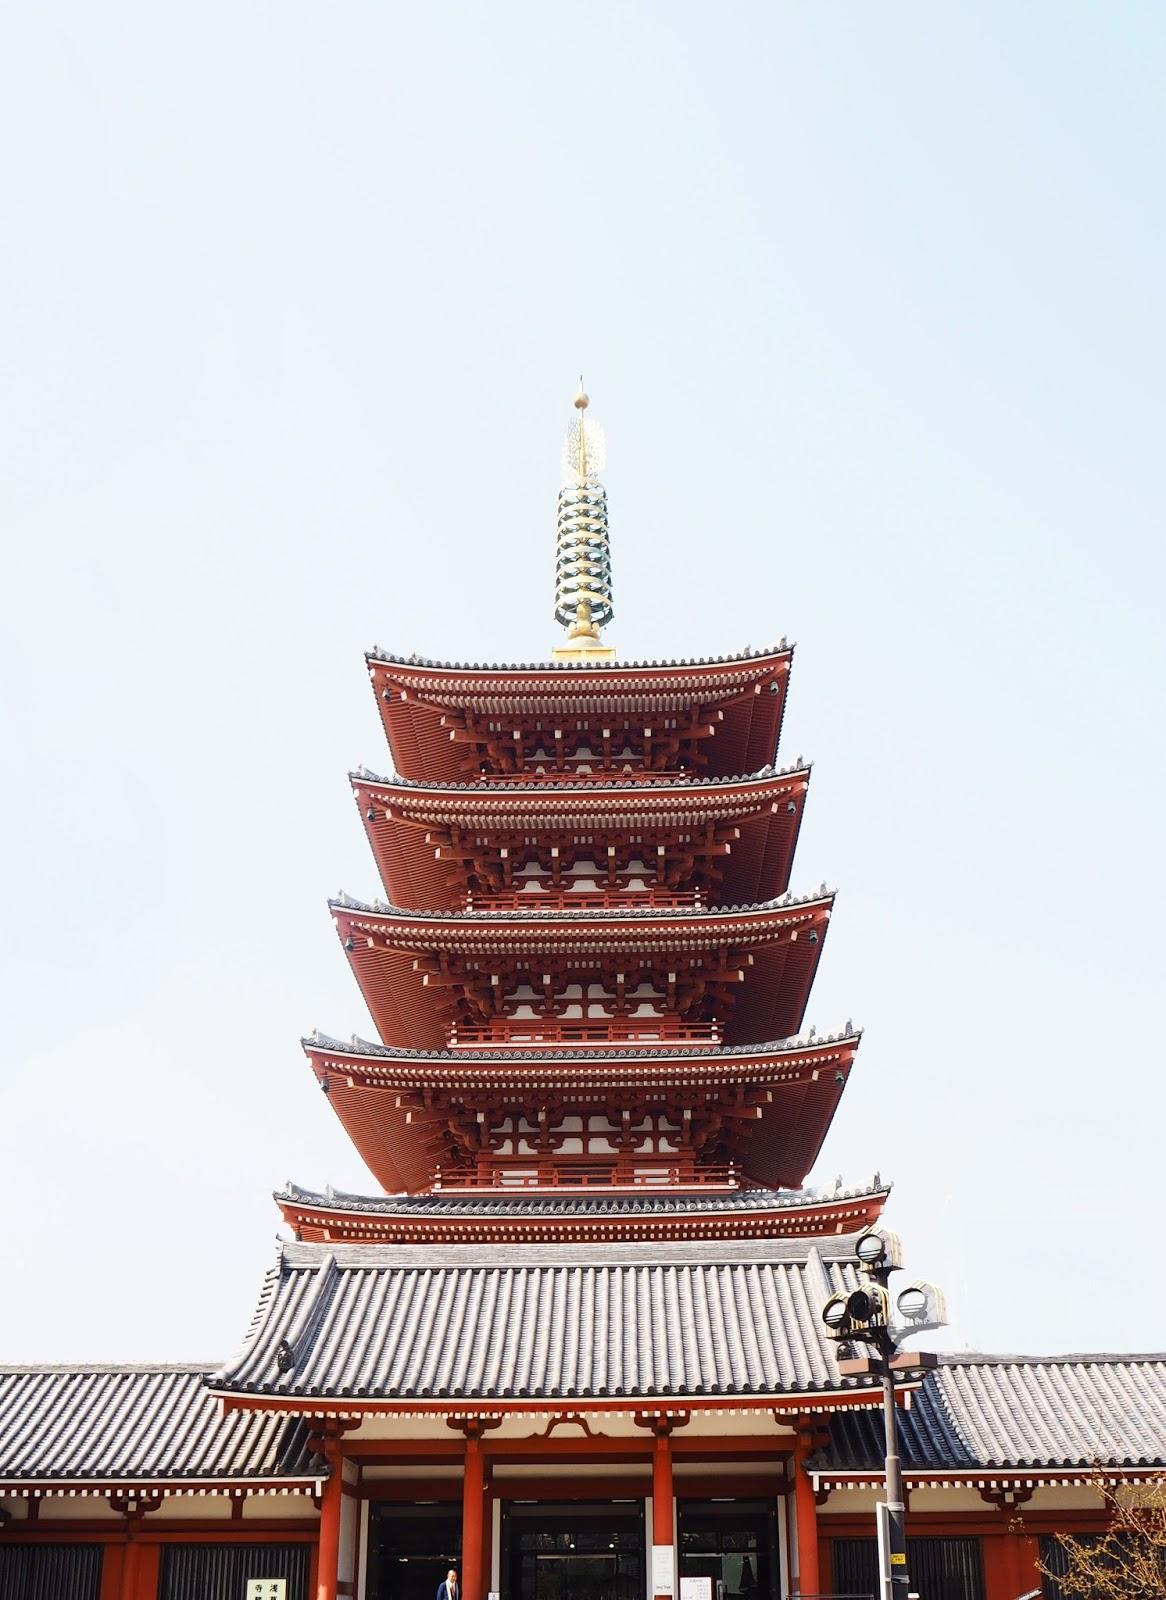 Asakusa Senso-Ji Buddhist Temple